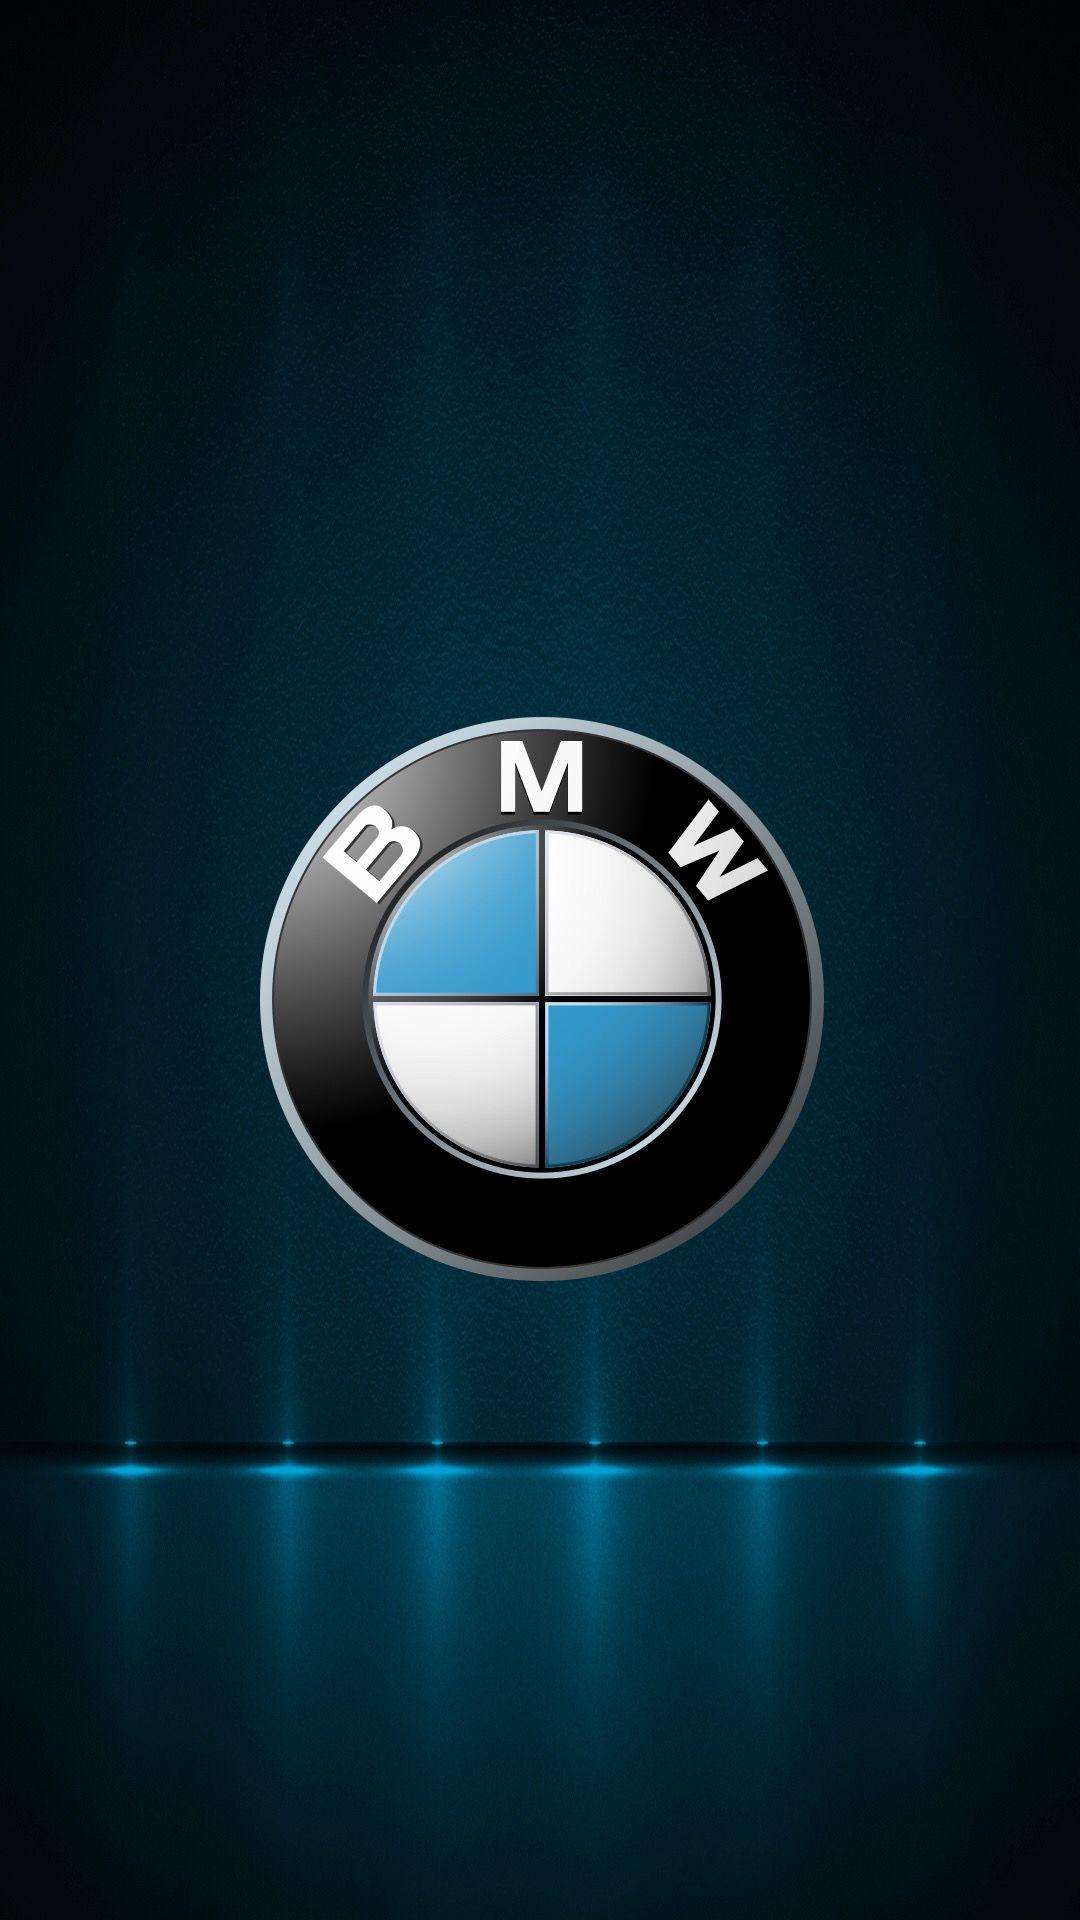 BMW 01 Bmw cars